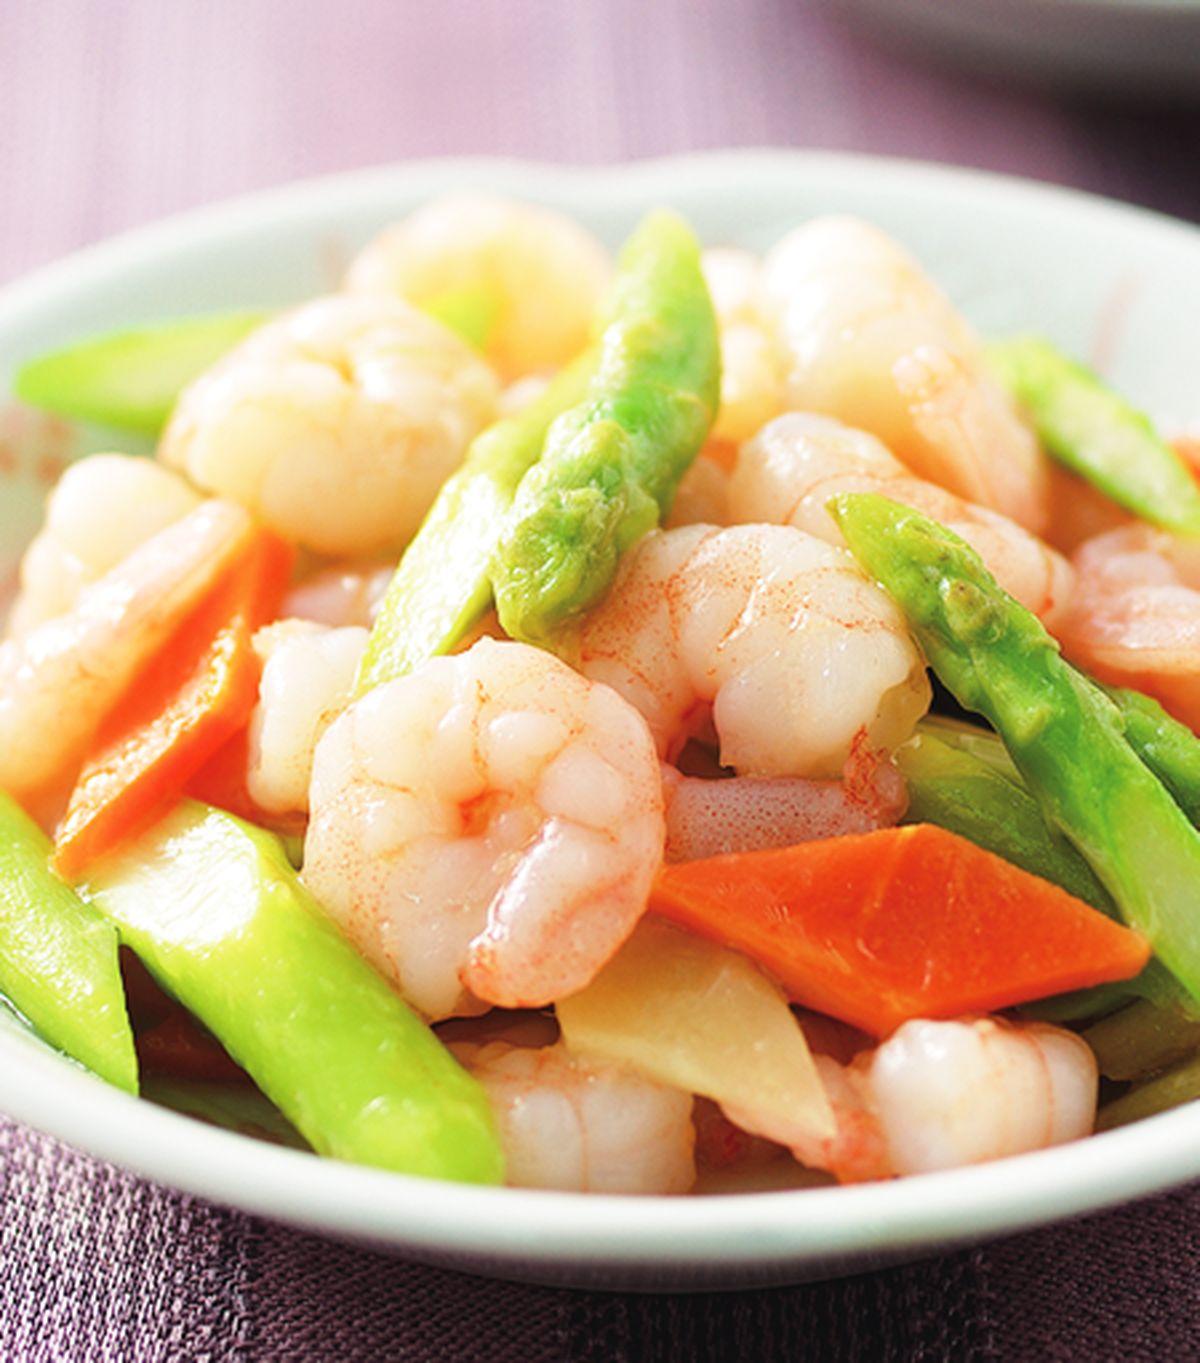 食譜:蘆筍炒蝦仁(1)